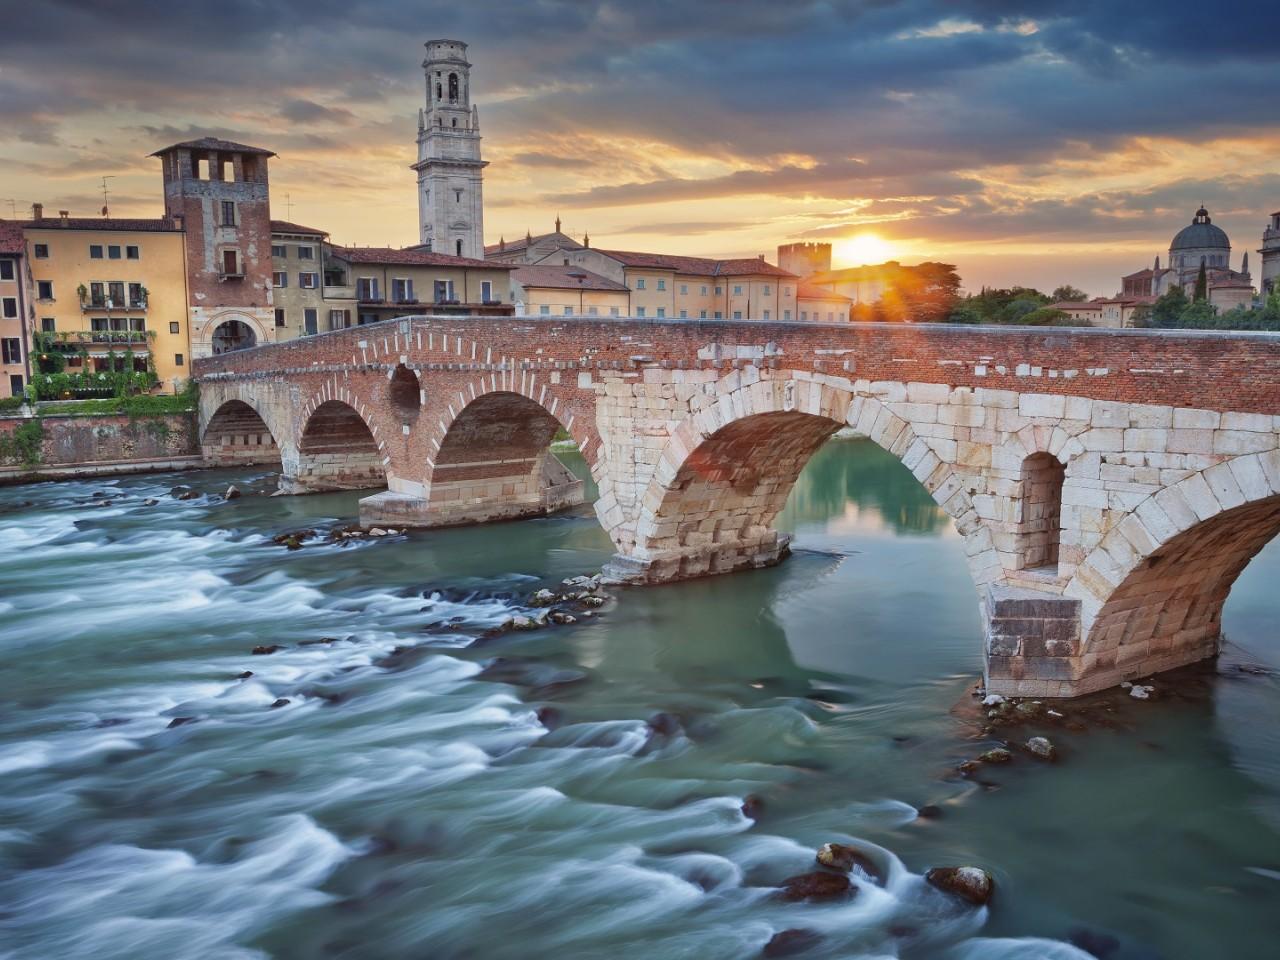 Ponte 1 Novembre a Verona